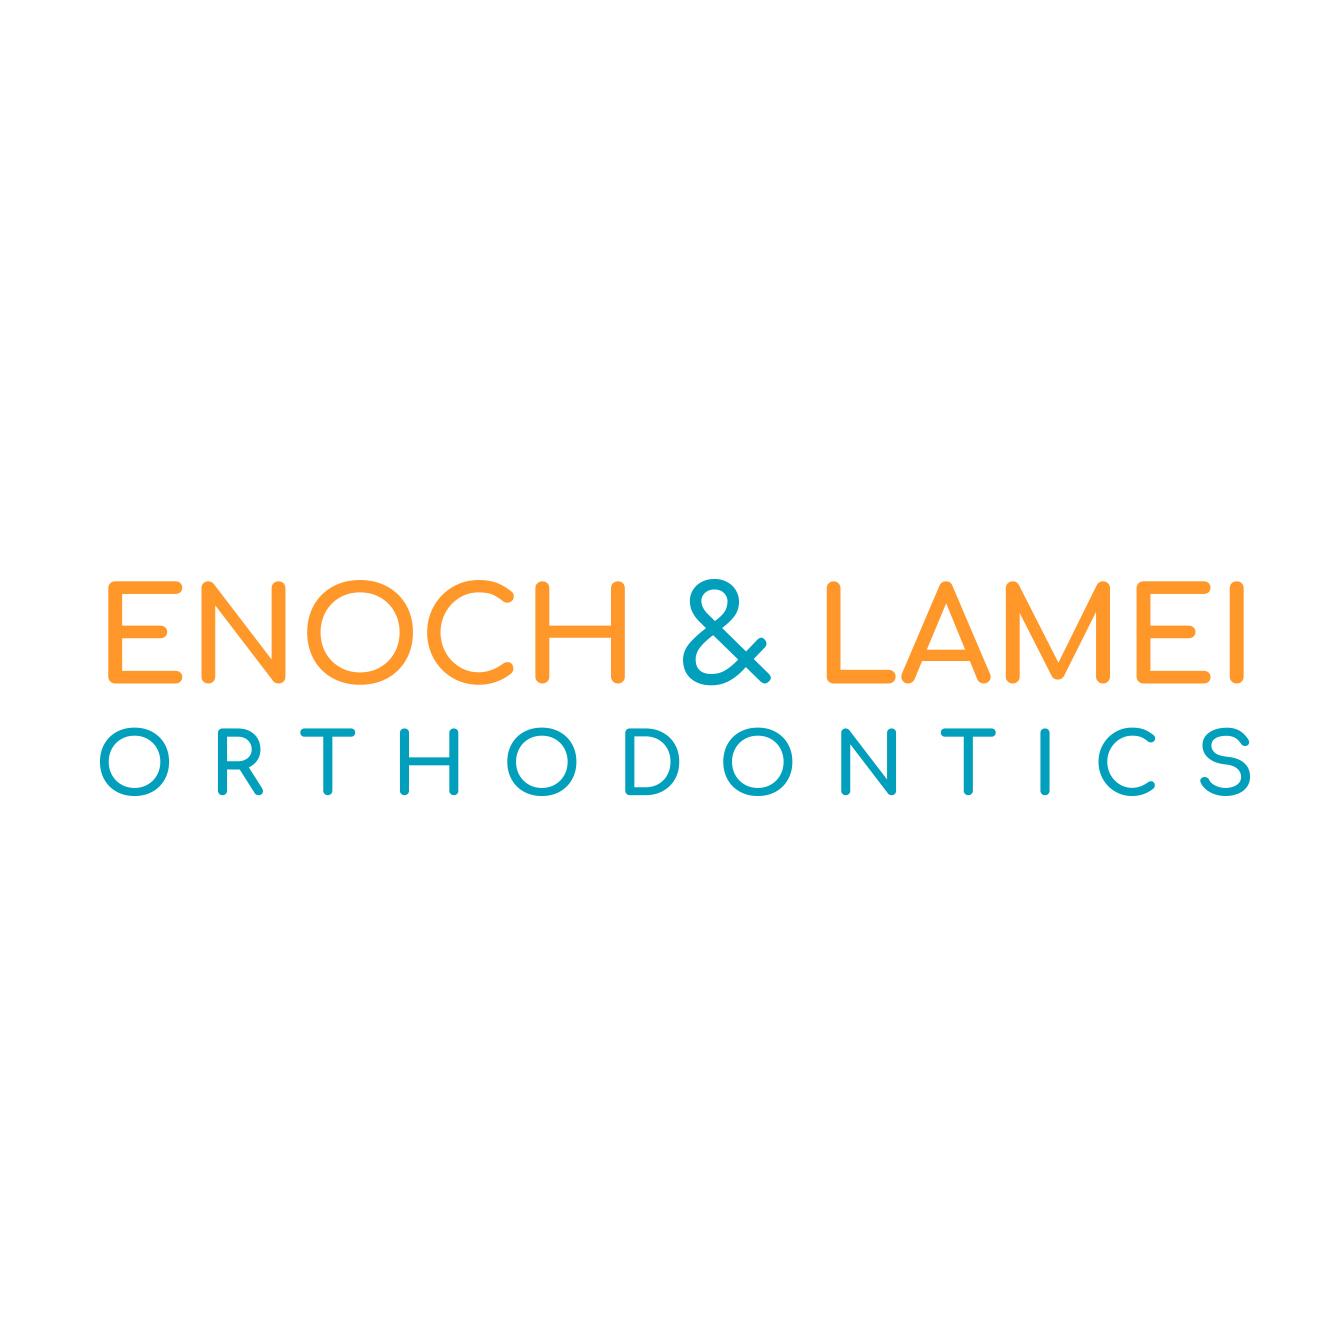 Enoch & Lamei Orthodontics